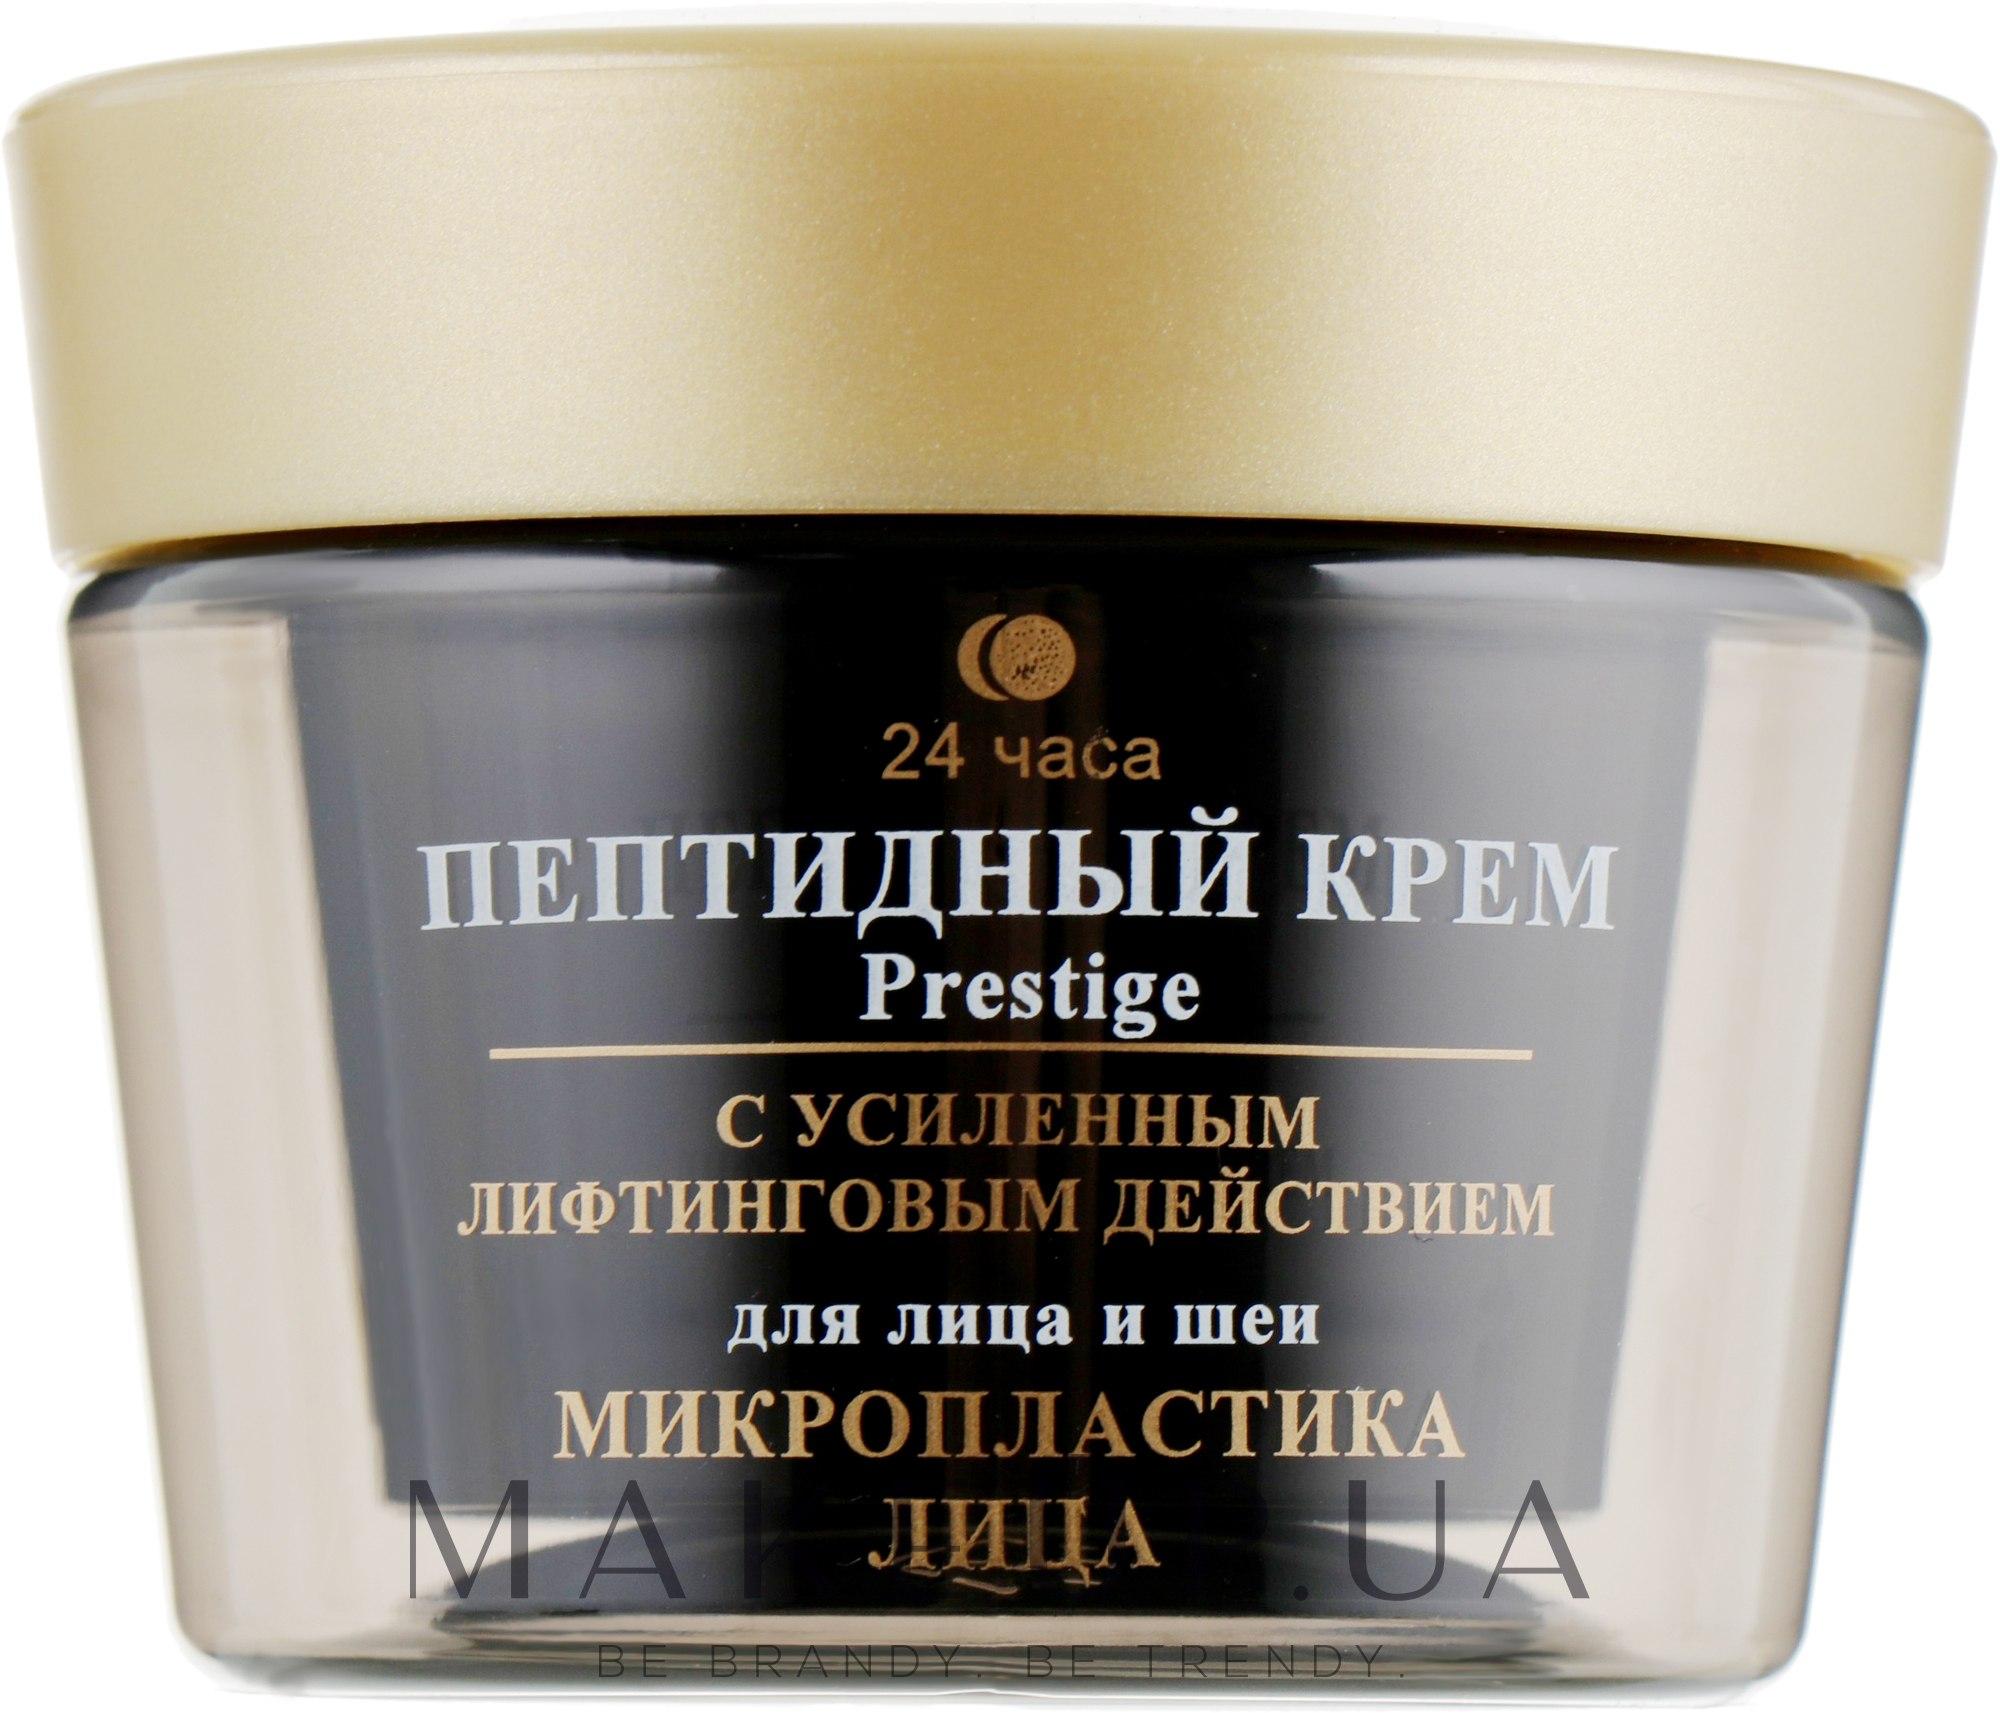 """Пептидный крем-prestige для лица/шеи с усиленным лифтинговым действием, 24ч. """"Микропластика лица"""" - Bielita 12 Premium Peptides — фото 45ml"""